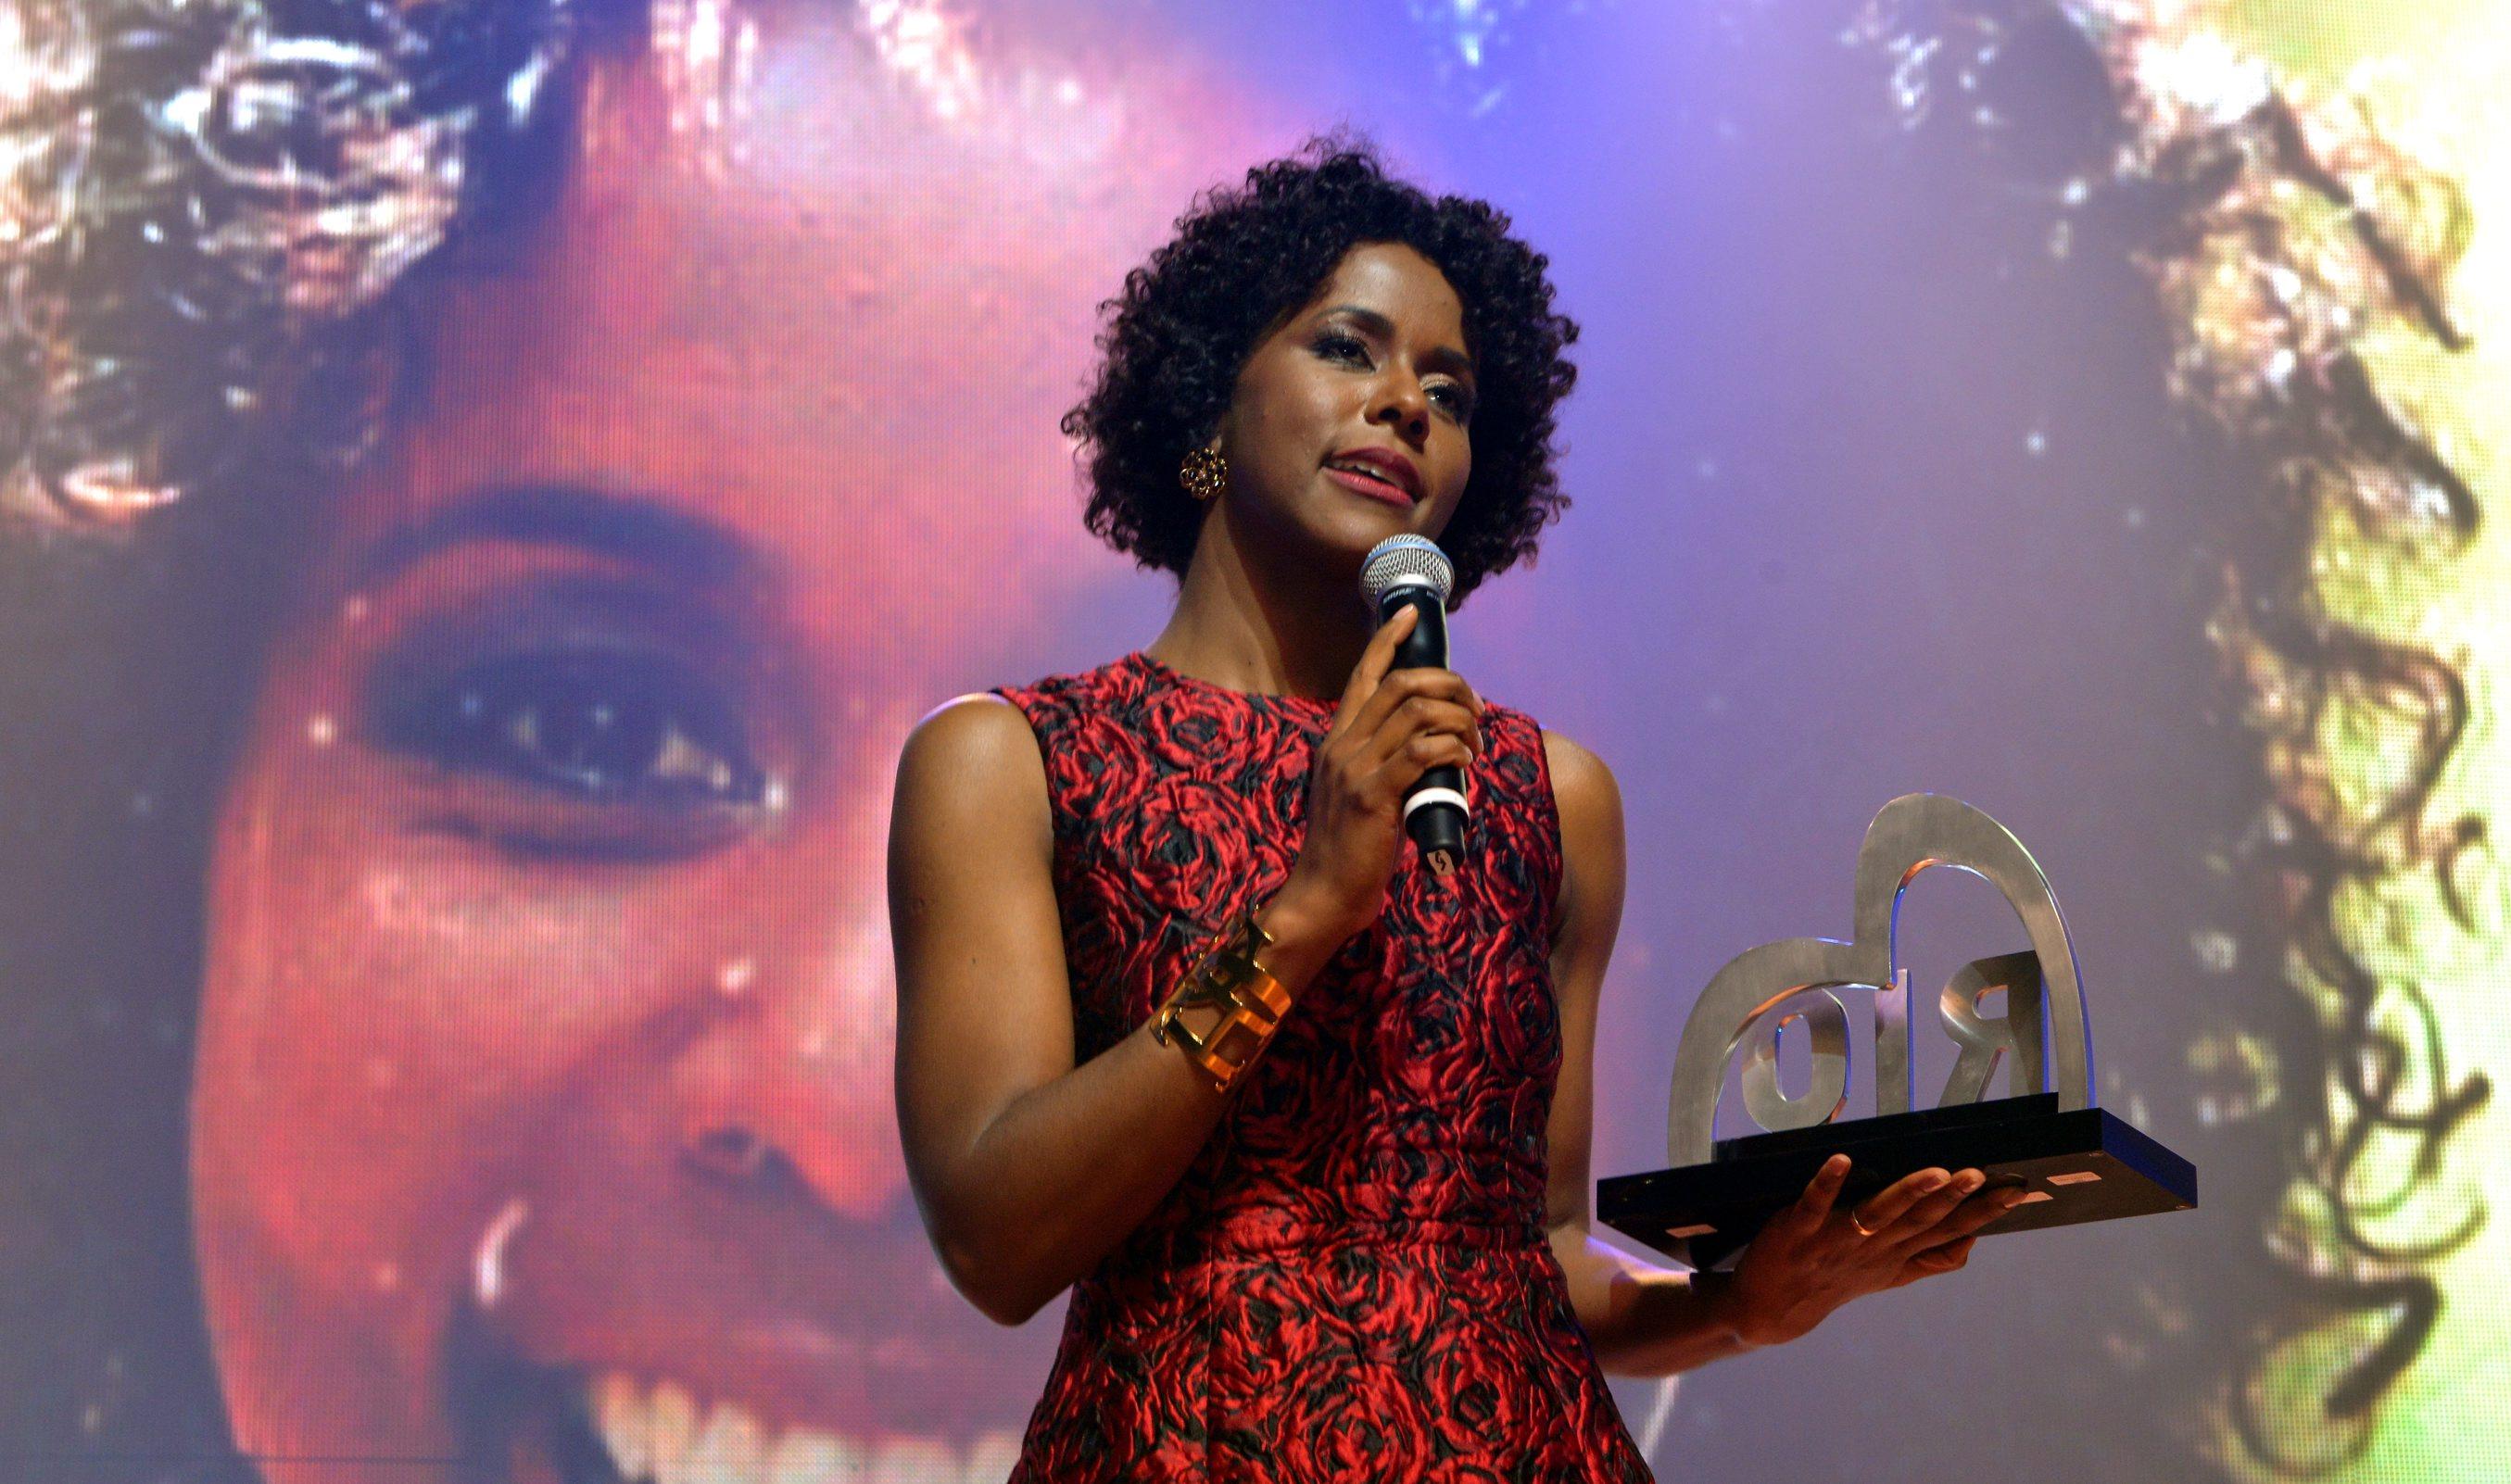 DSC_5497  Maria Júlia Coutinho - Maju  -  Prêmio RIO SEM PRECONCEITO - Setembro 2015 - Foto CRISTINA GRANTO